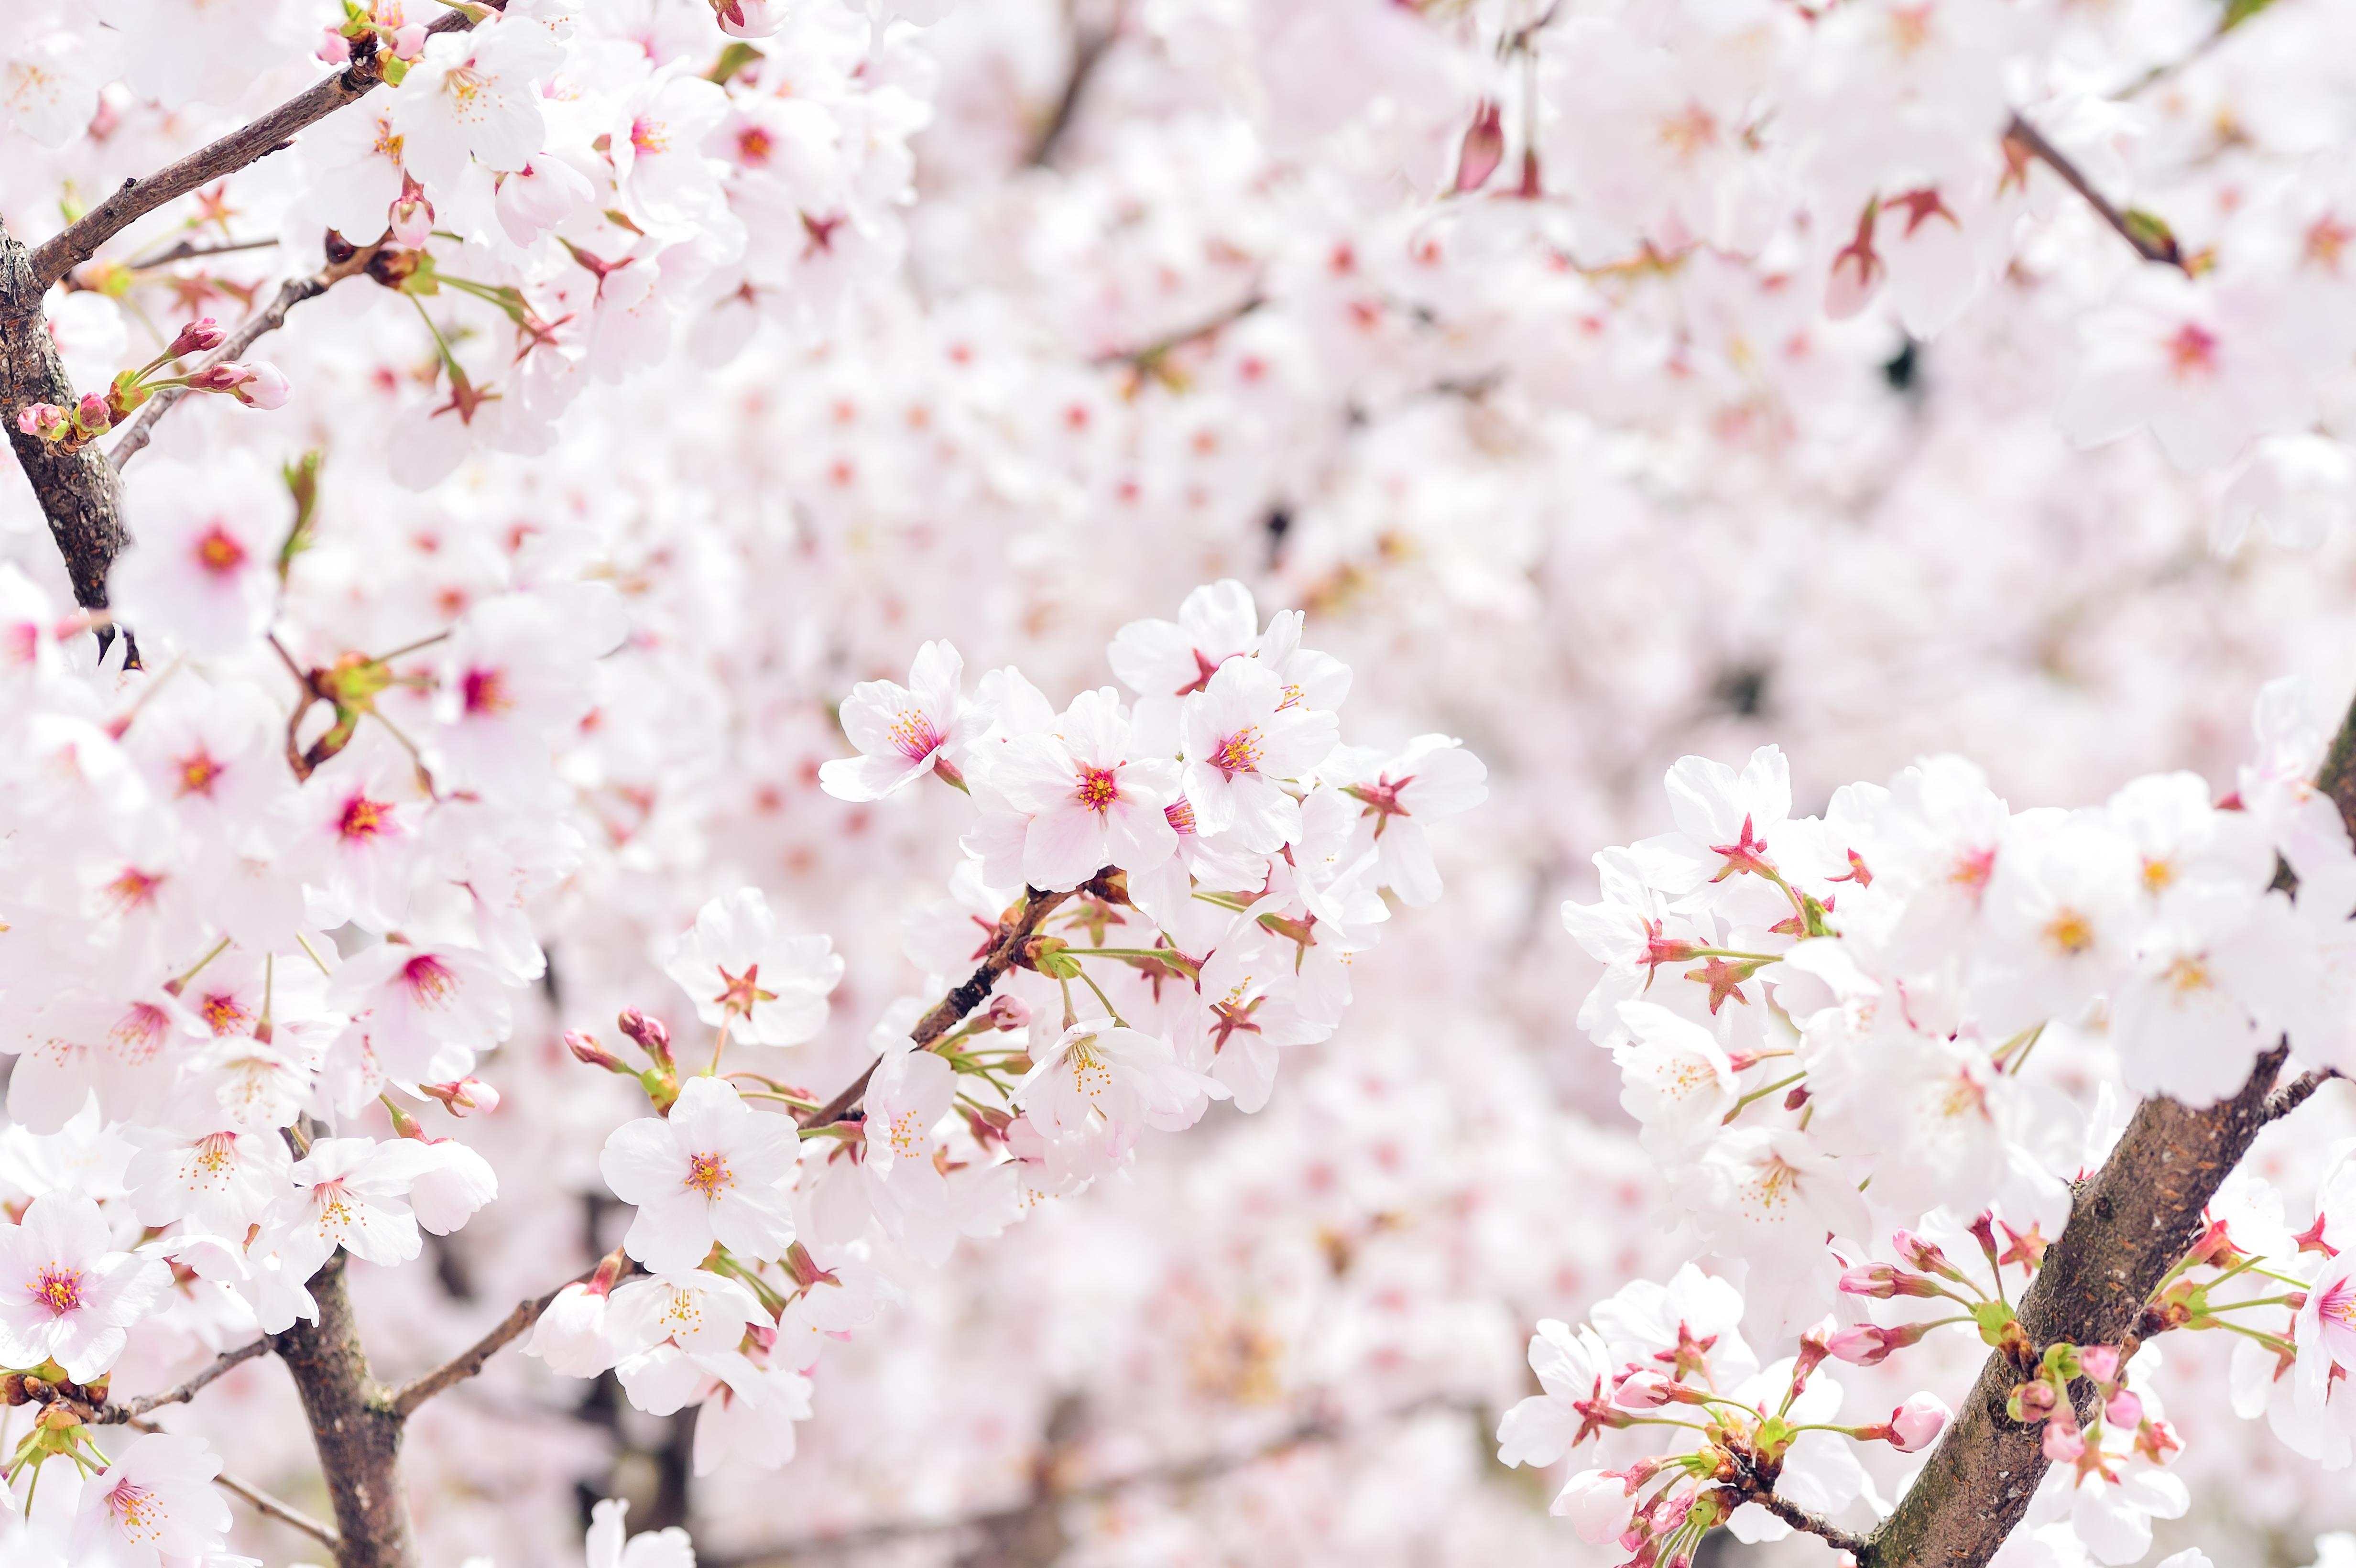 Download 980 Koleksi Gambar Bunga Sakura Putih Gratis Terbaik